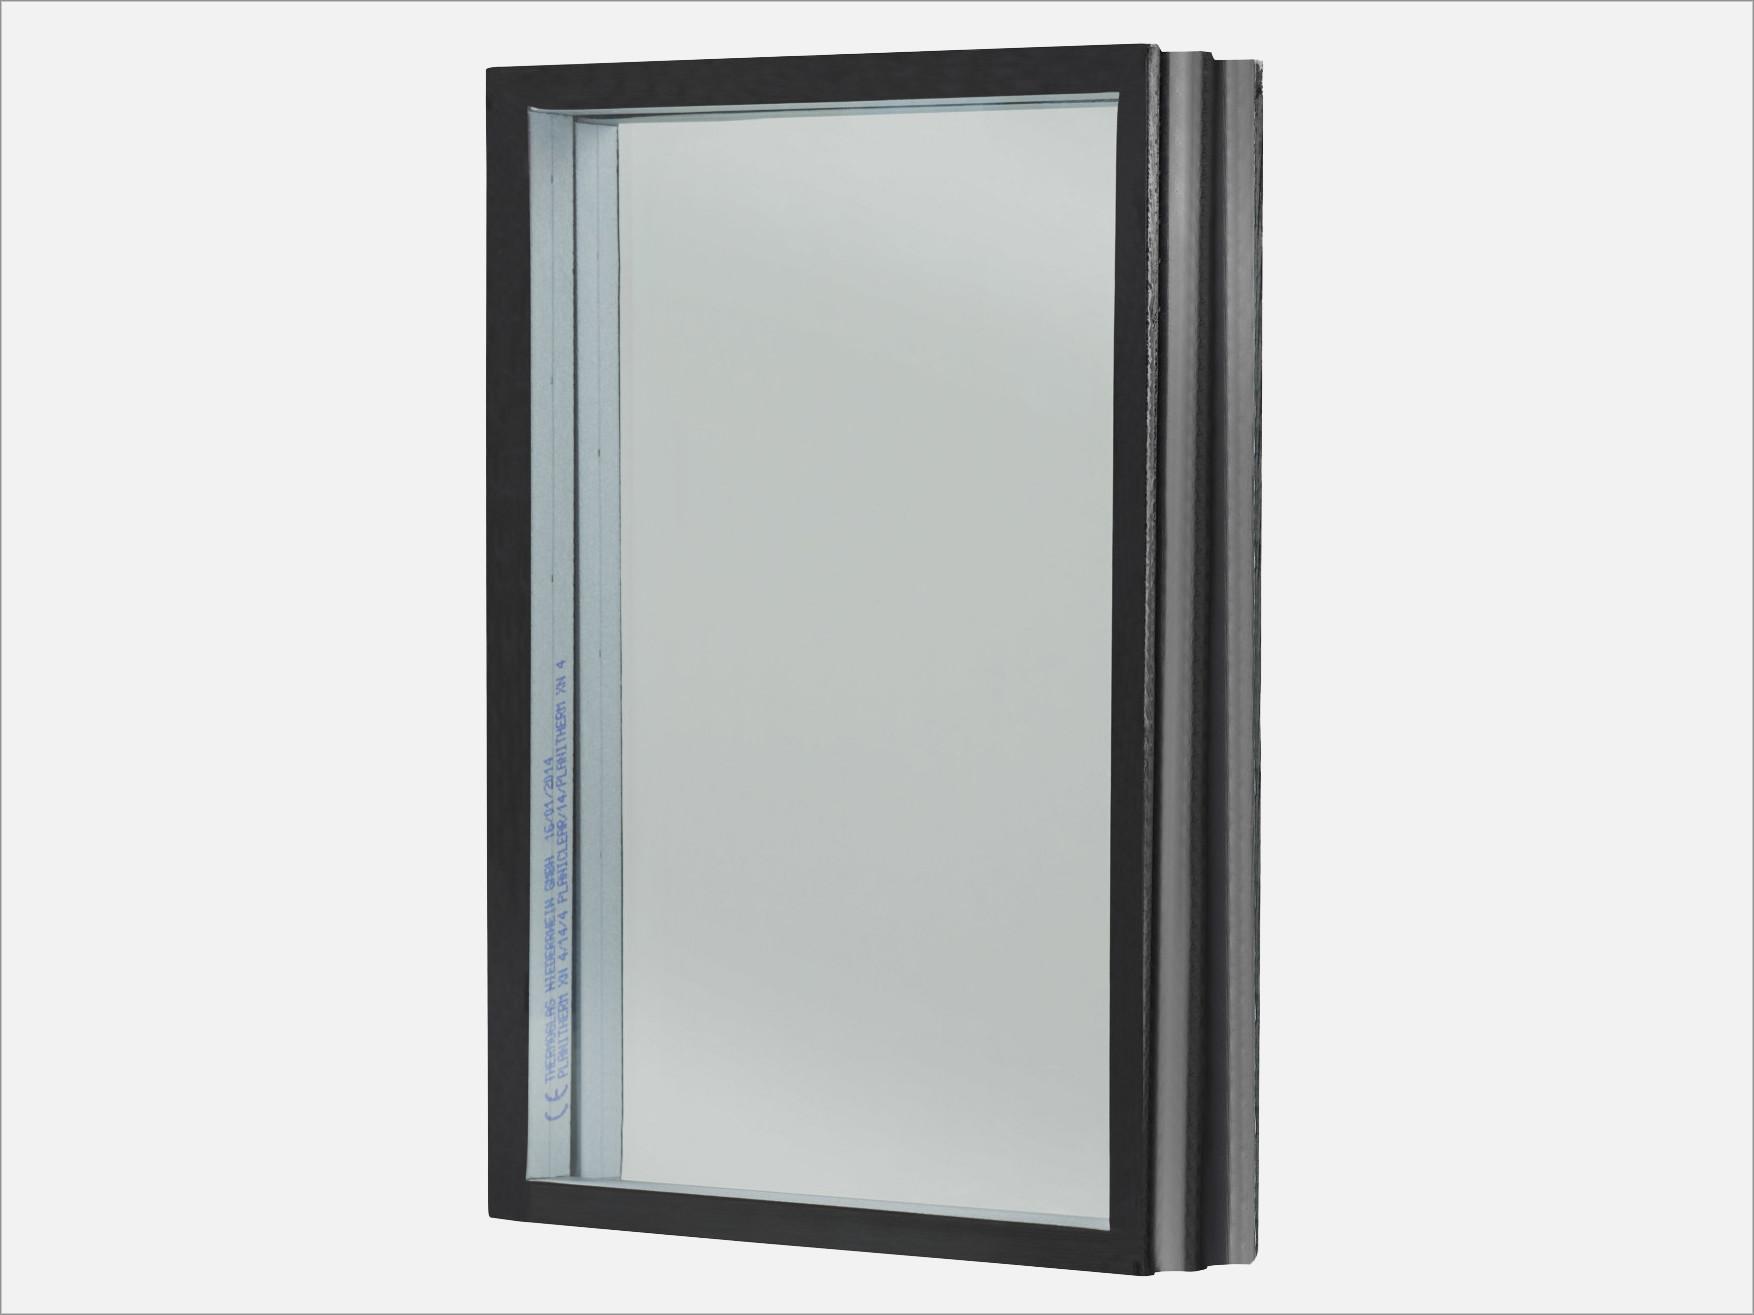 modulares gartenhaus aus glas und holz glas news produkte baunetz wissen. Black Bedroom Furniture Sets. Home Design Ideas